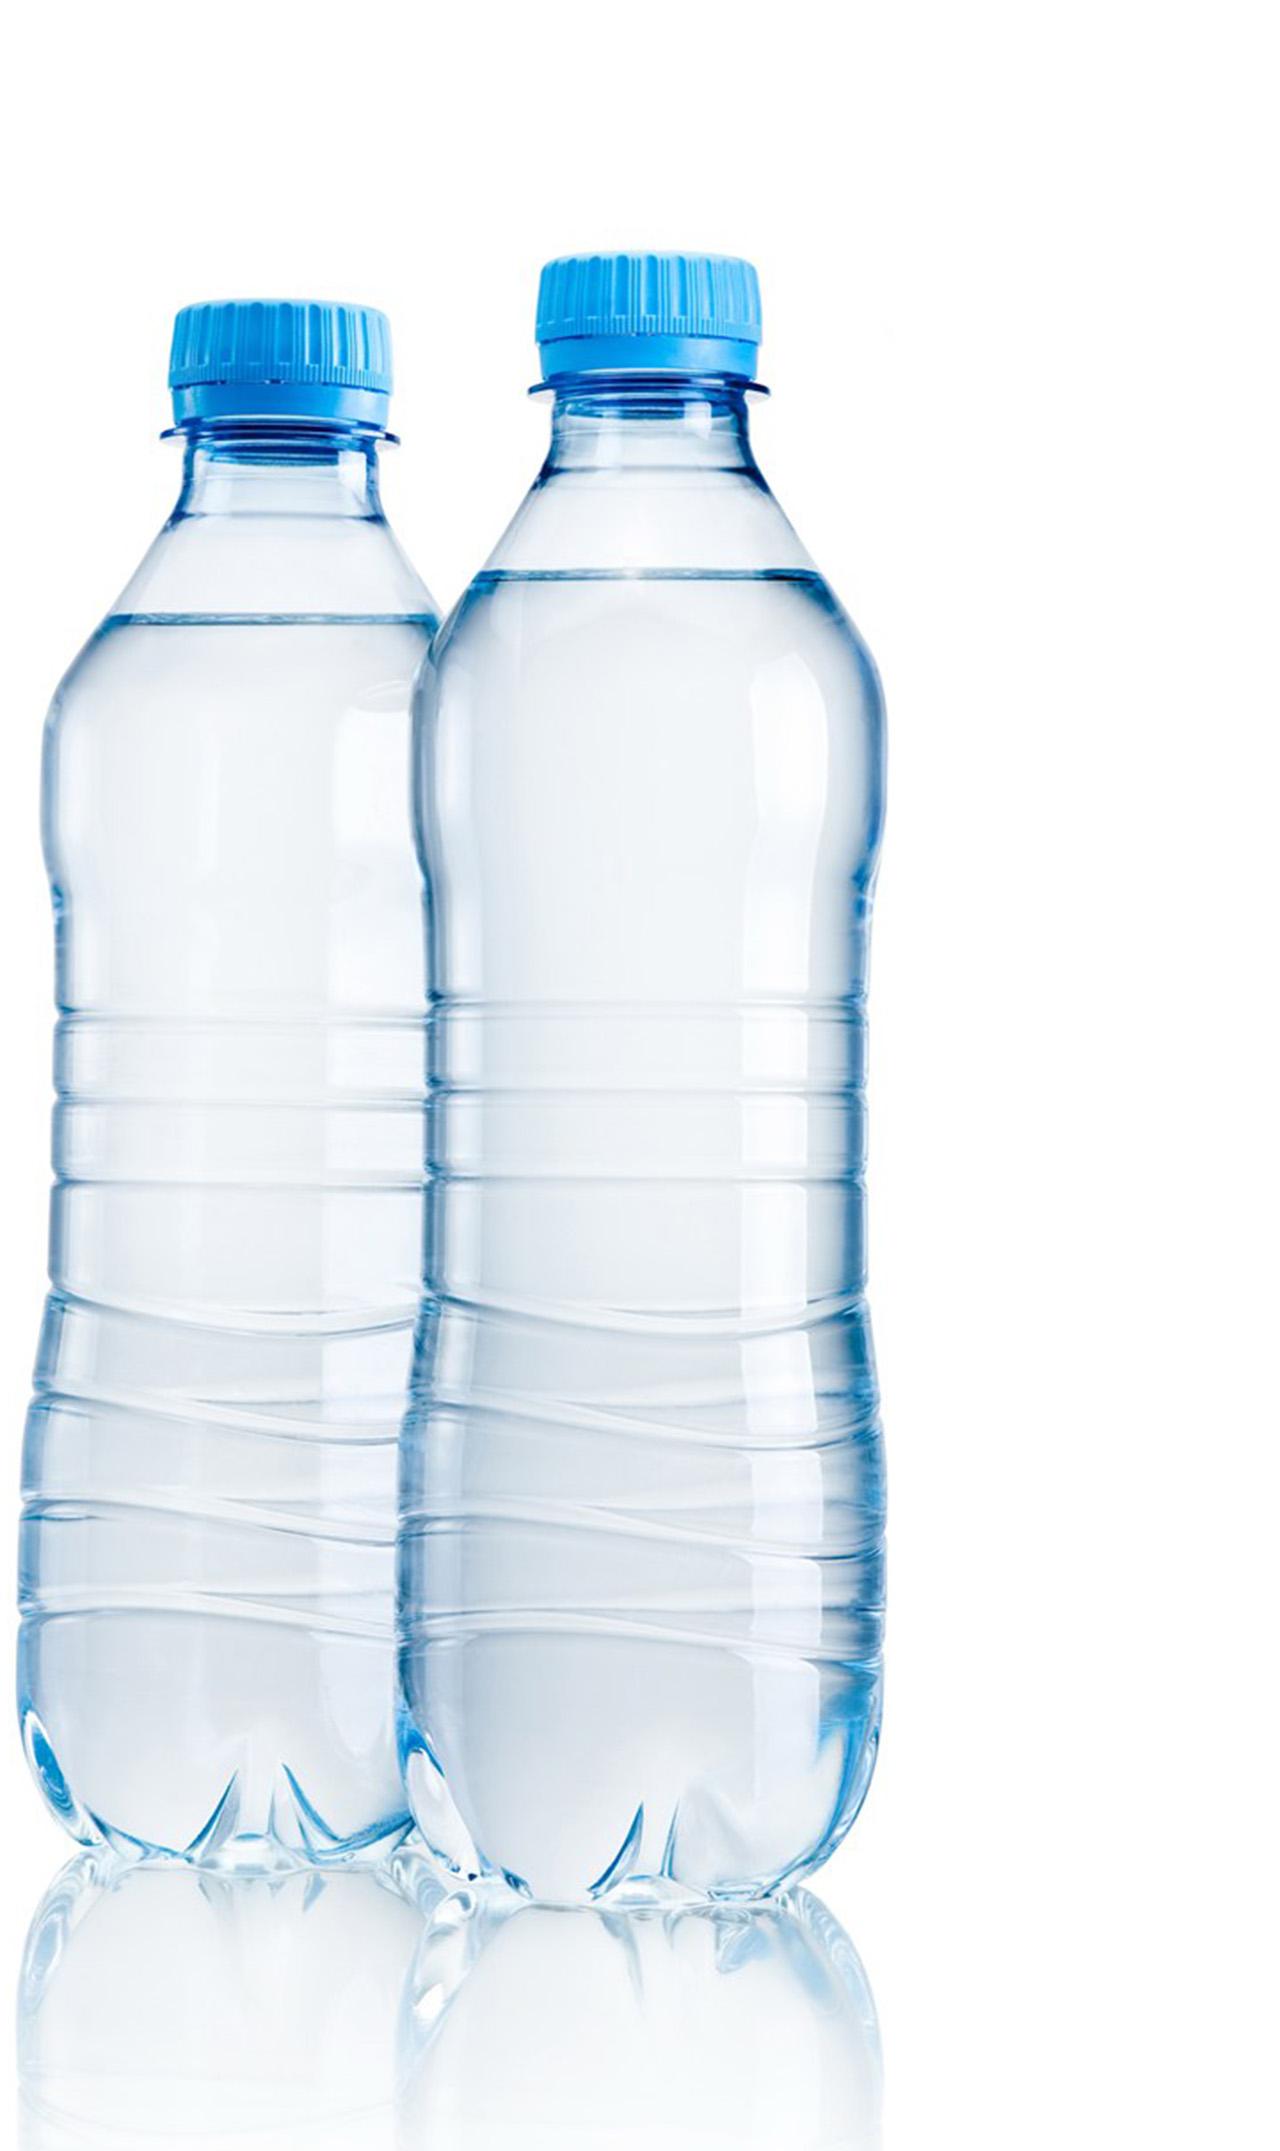 平面透视图_Photoshop精修透明的矿泉水瓶图 - 设计之家